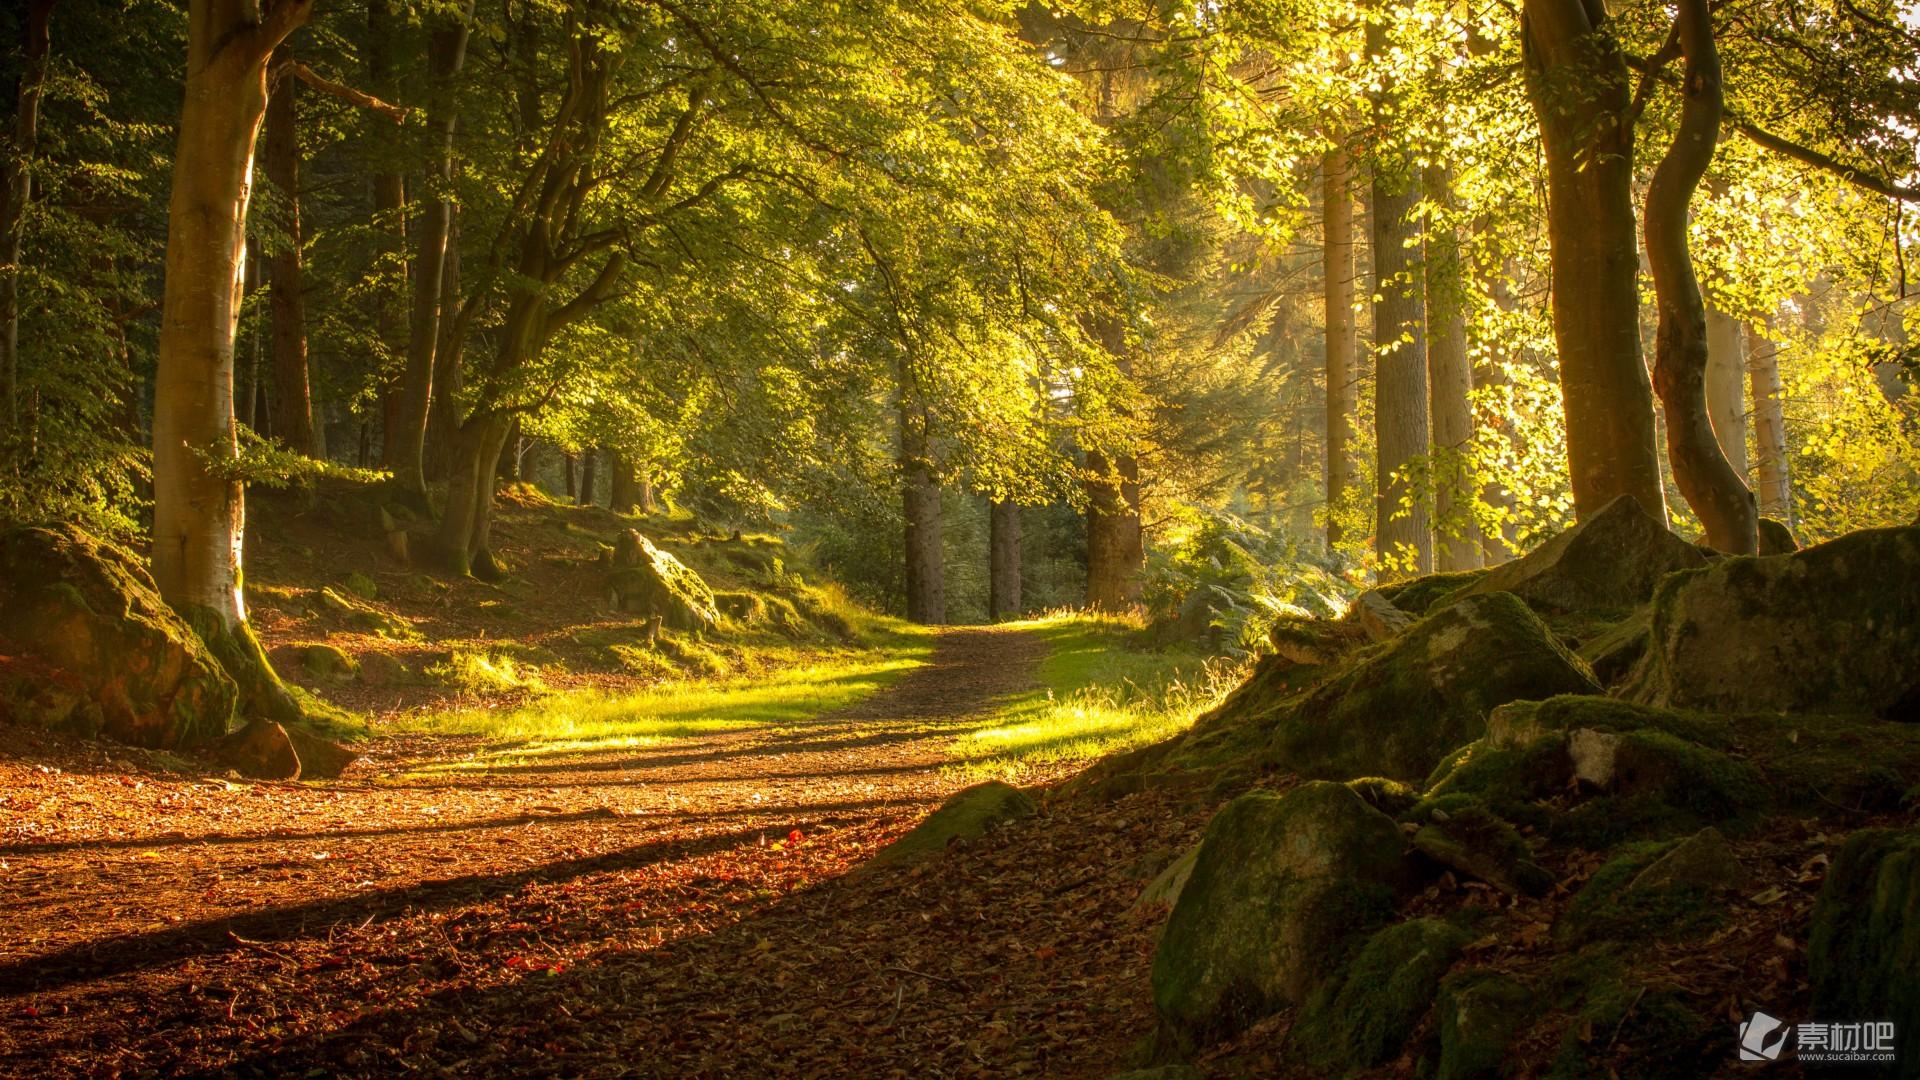 精选金黄色的秋天公园树木风景桌面壁纸